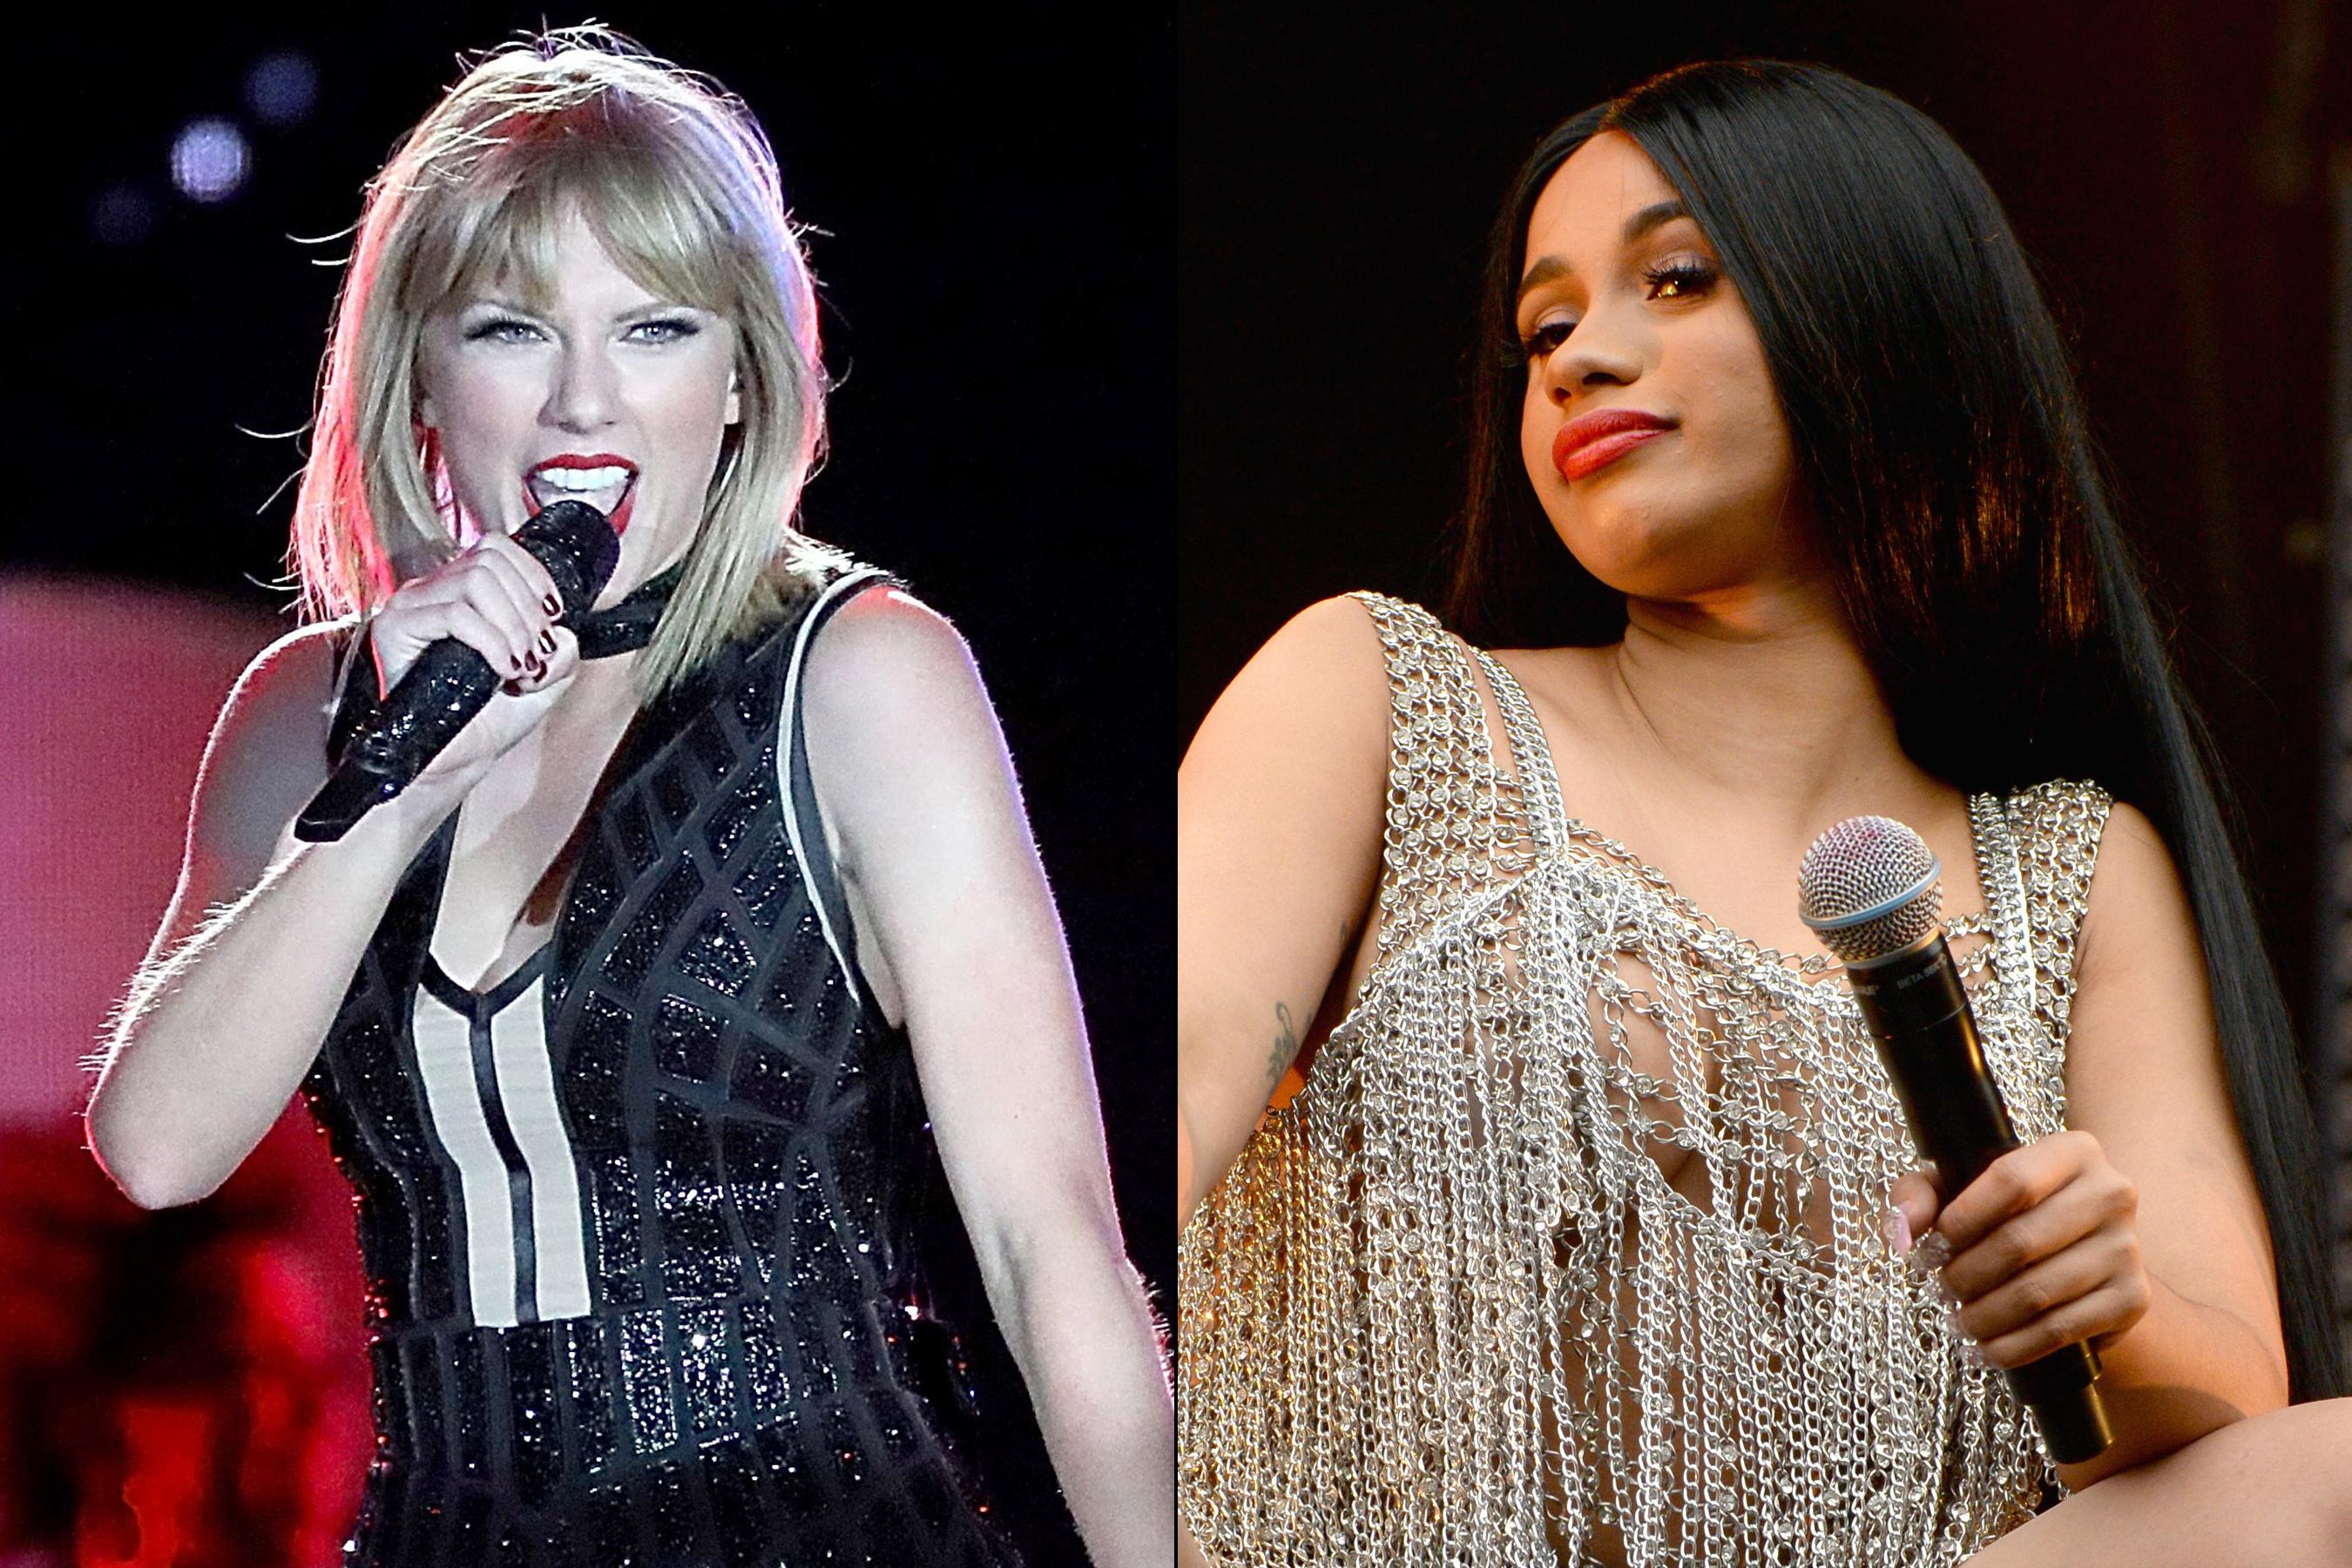 Ở 1 BXH Billboard khác, Charlie Puth mới là quán quân đè bẹp cả Taylor Swift lẫn Cardi B - Ảnh 1.